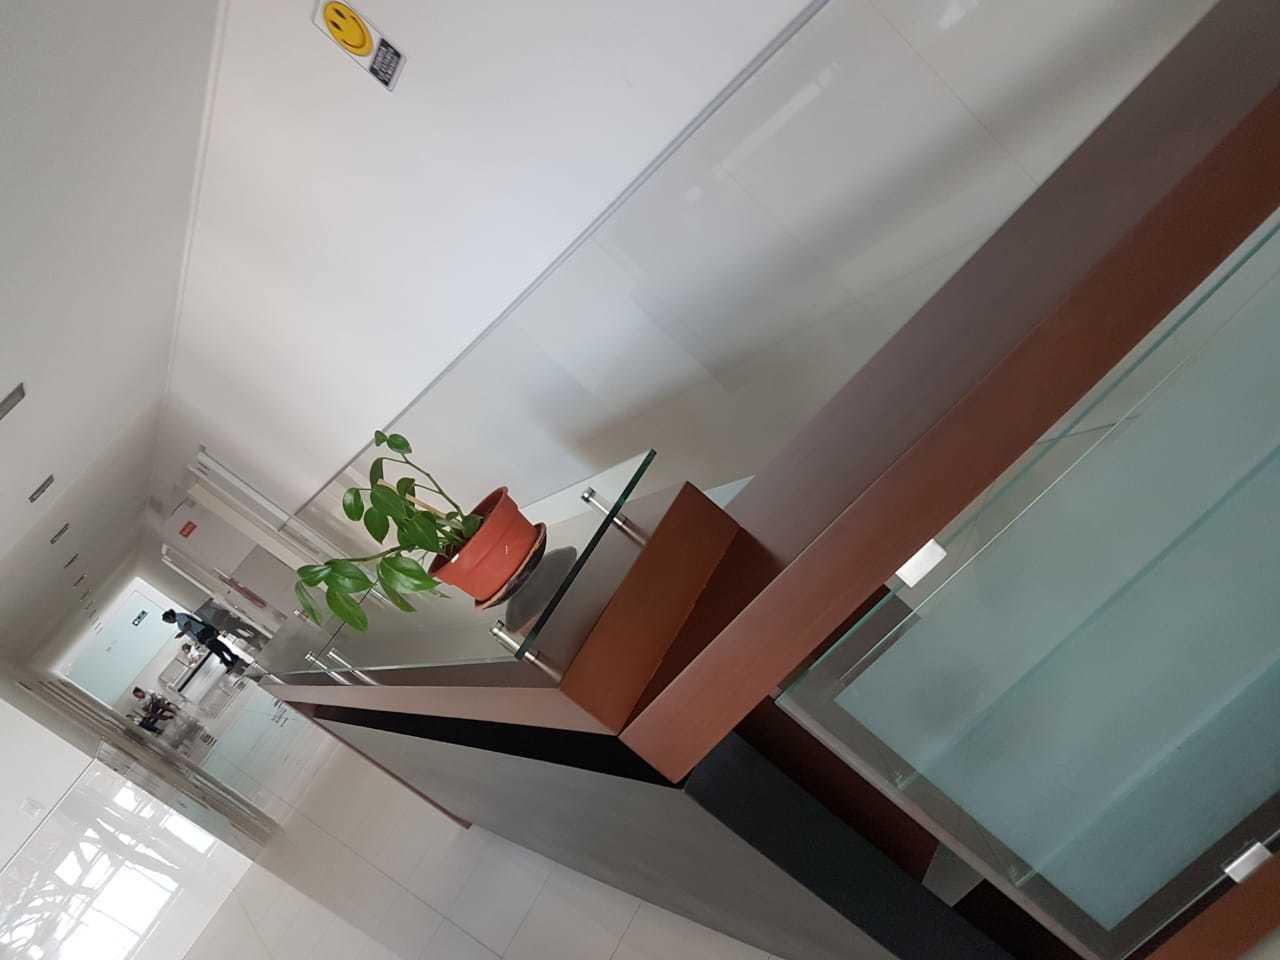 Oficina en Alquiler CONSULTORIO EN VENTA O ALQUILER EDIFICIO NUEVO NIÑO JESUS Foto 2